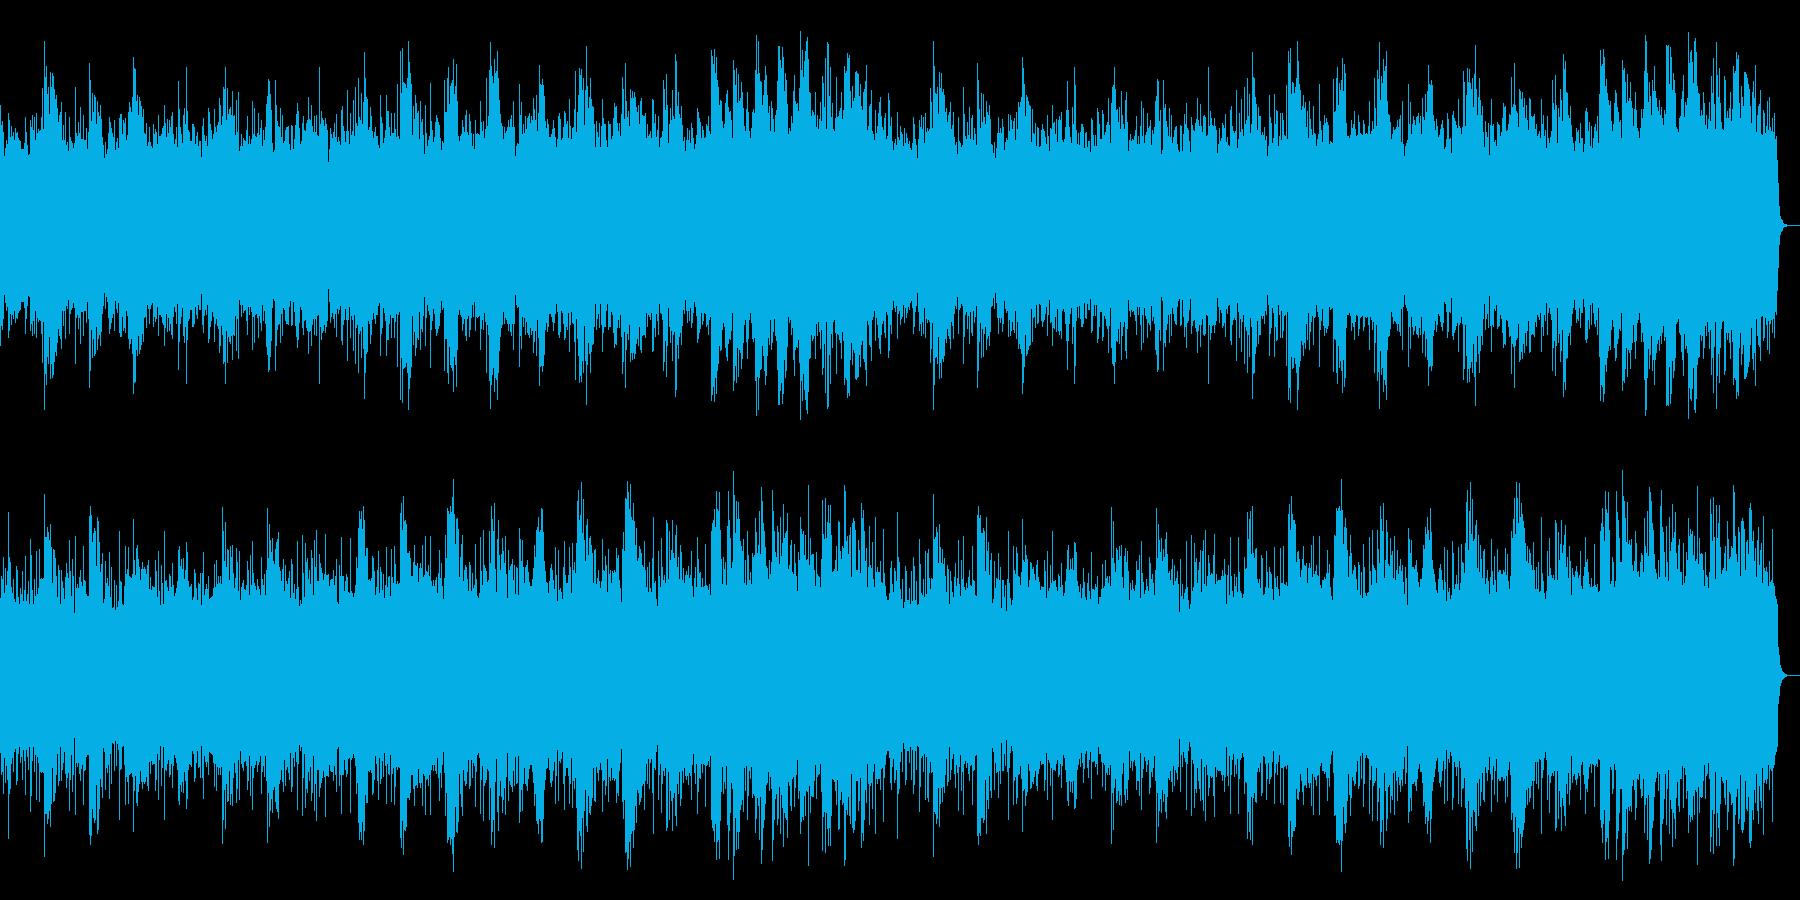 「気泡」をイメージしたヒーリング系2の再生済みの波形